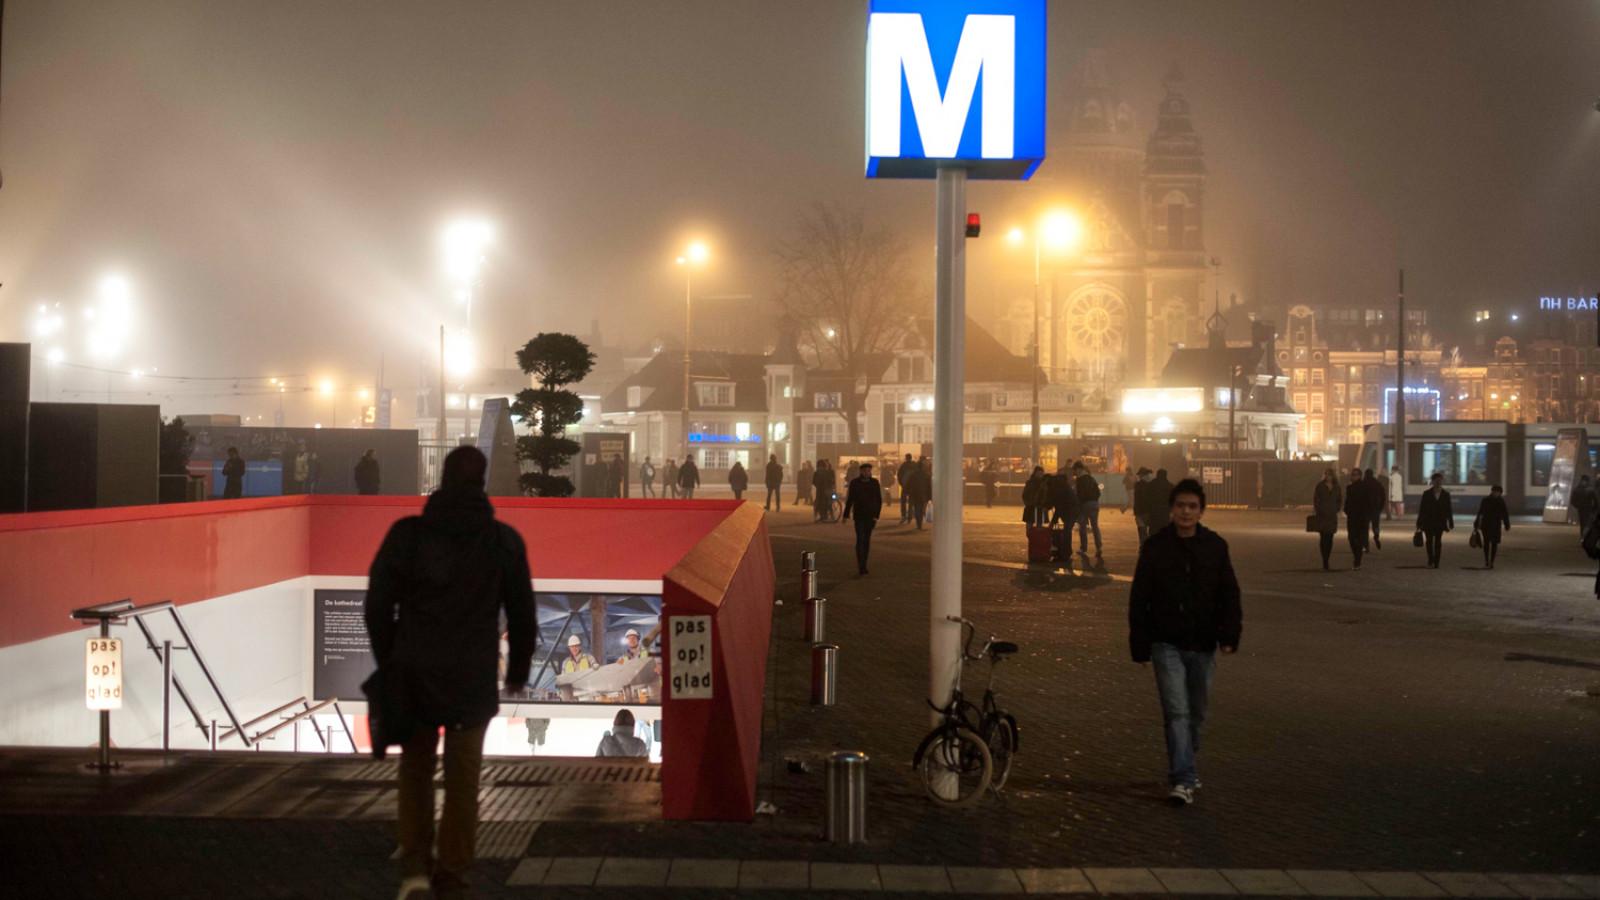 Jos van Zetten / @Newsphoto